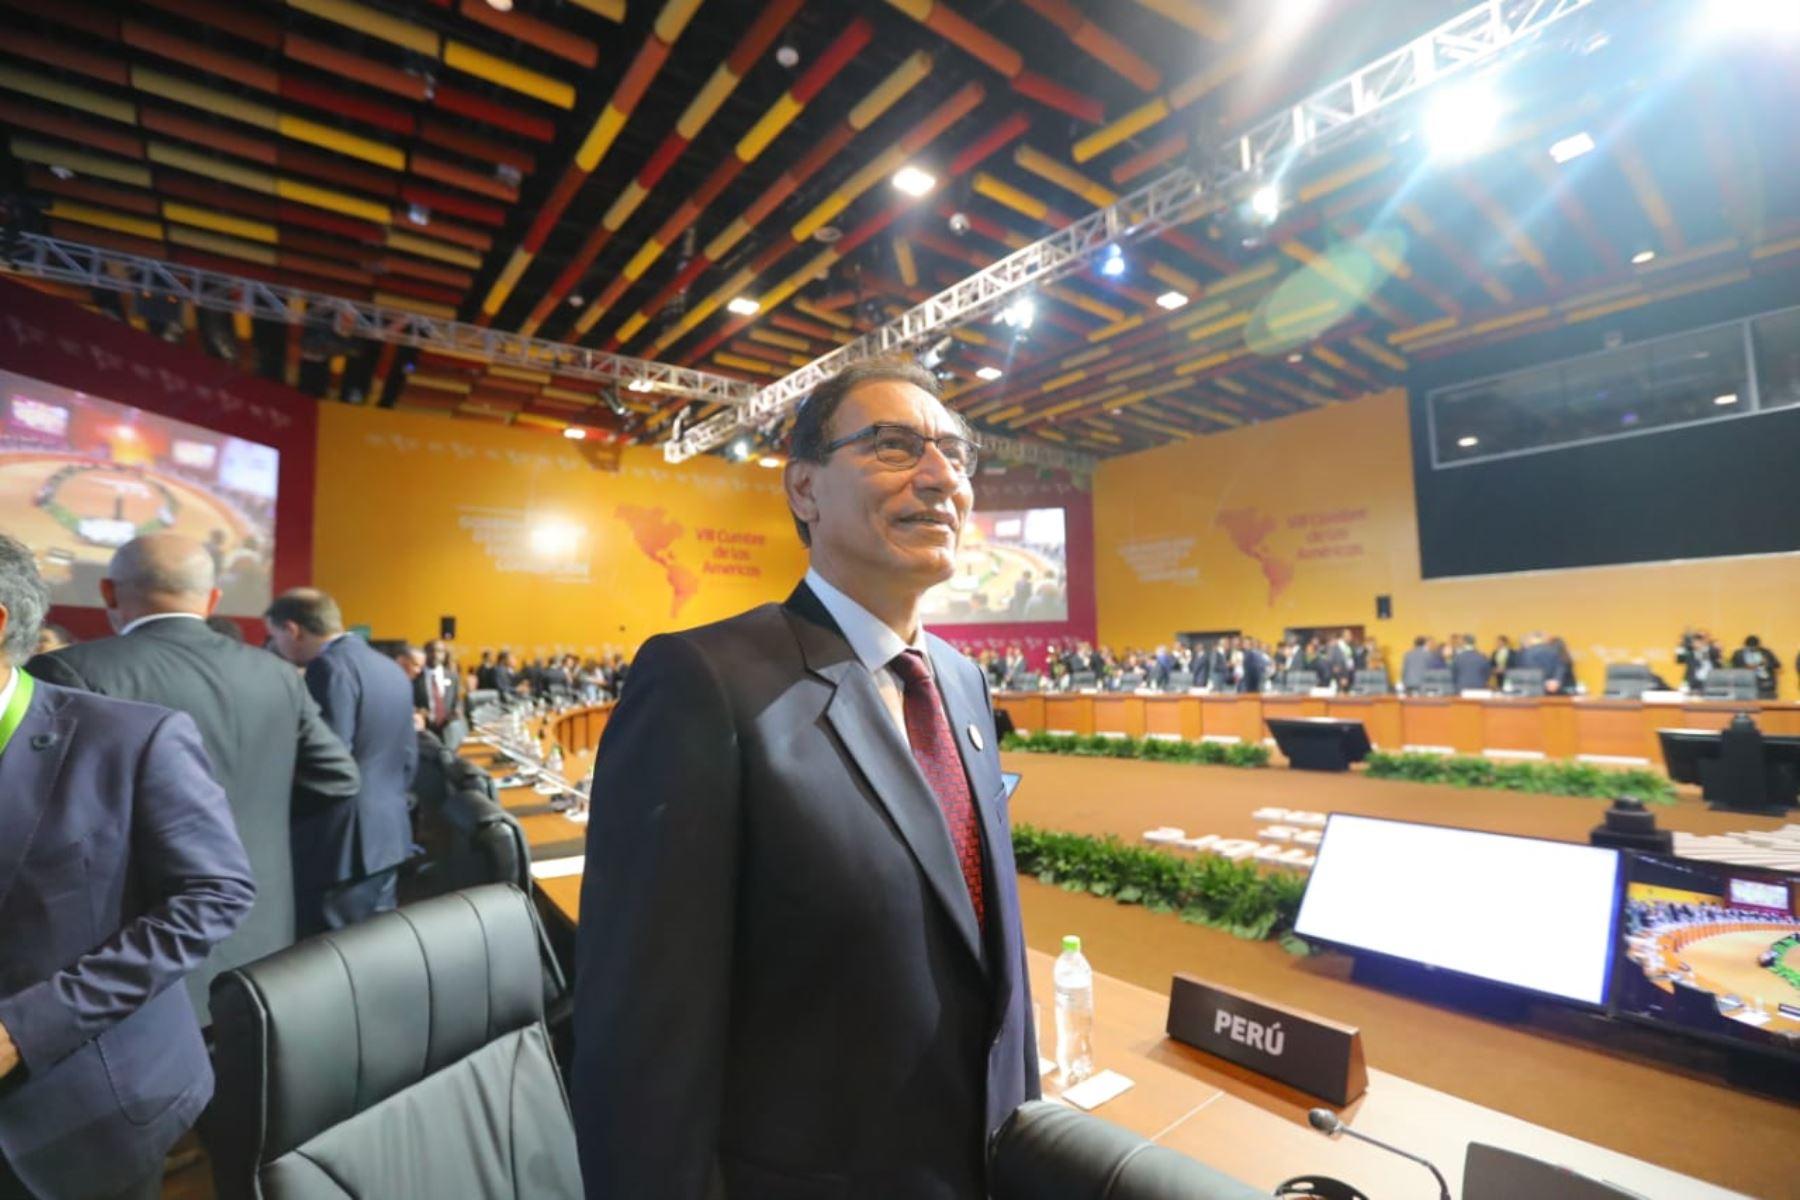 Presidente Martín Vizcarra durante la sesión plenaria de la VIII Cumbre de las Américas en Lima. Foto: ANDINA/Prensa Presidencia